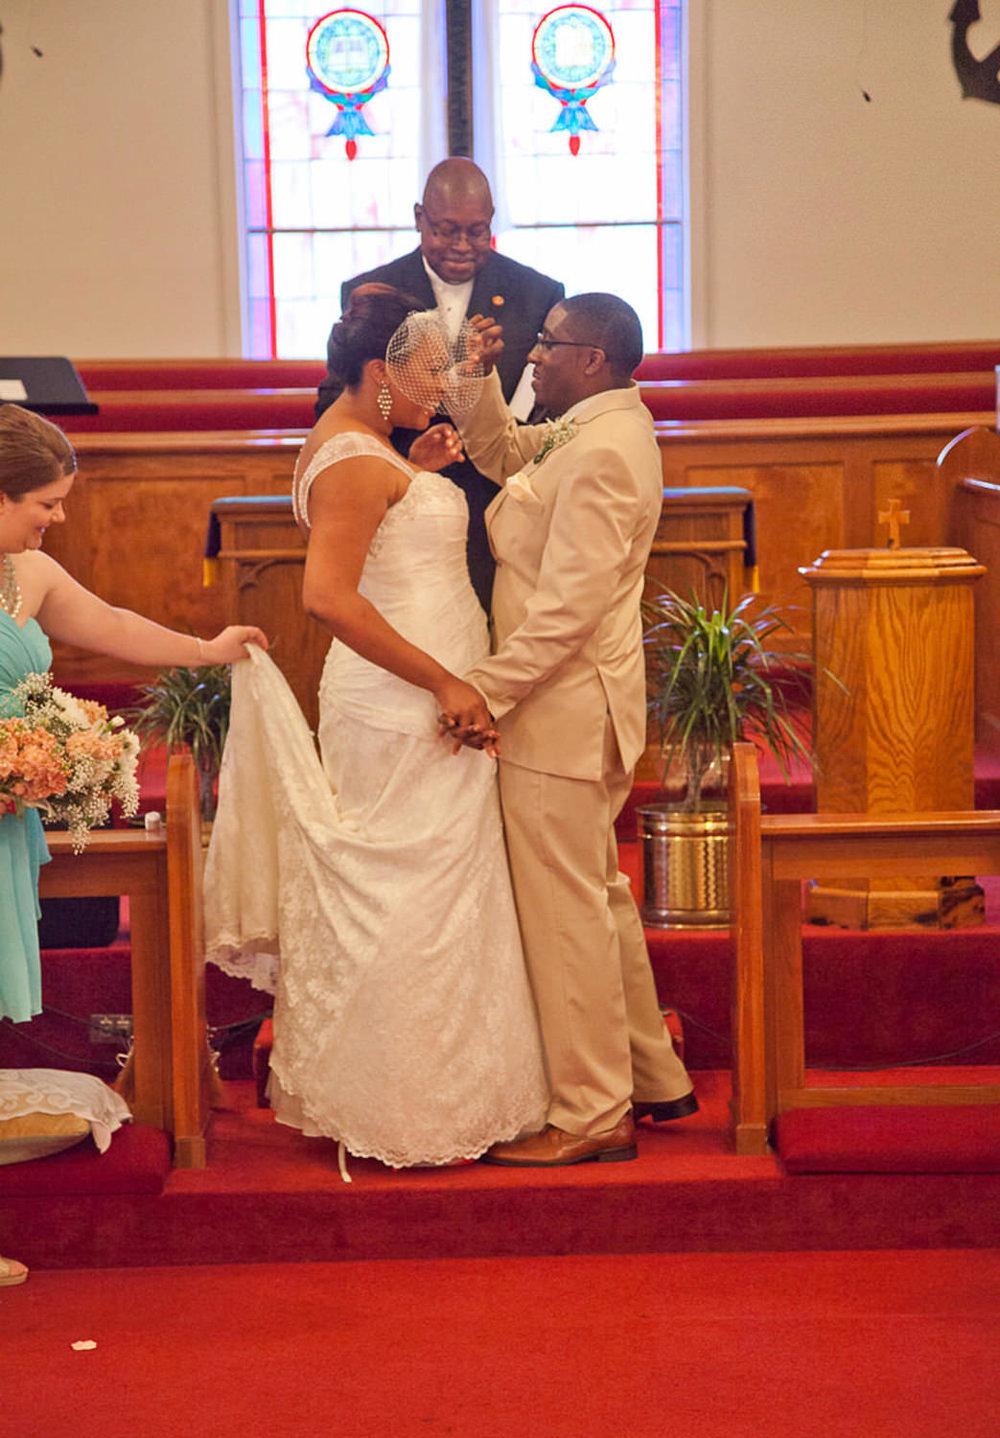 Wedding 04 13.jpg